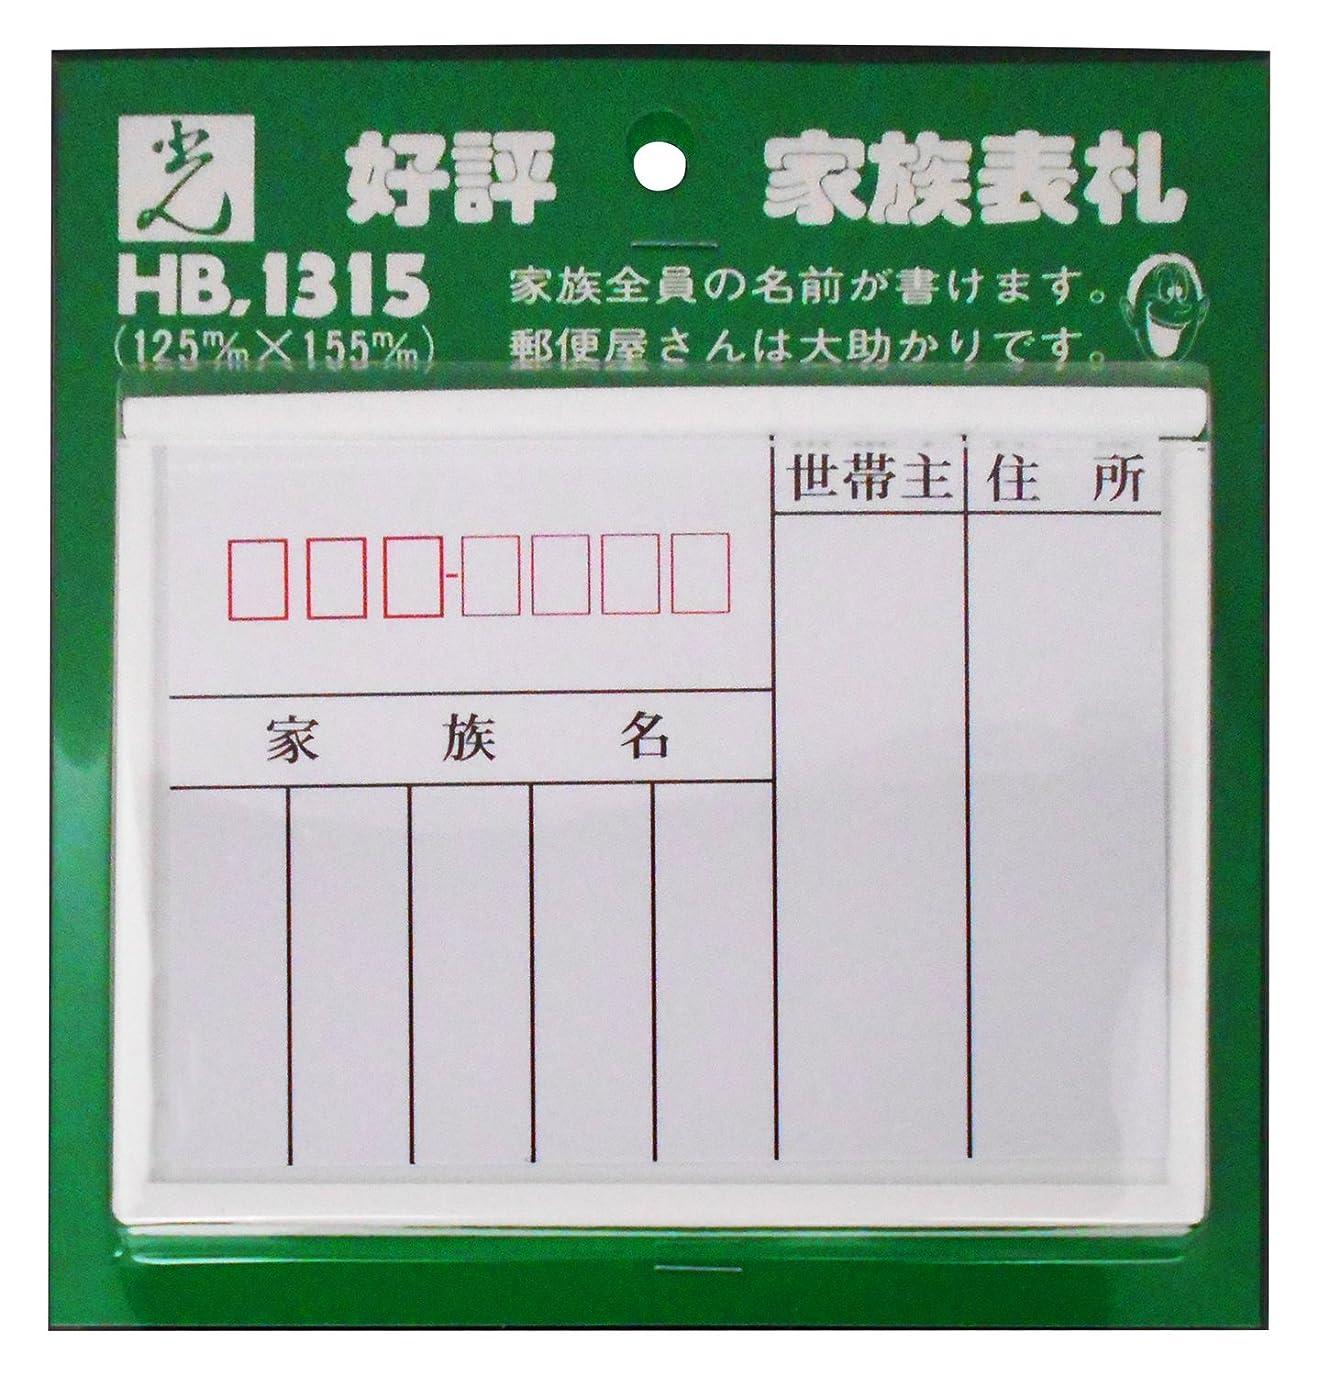 透けるアピール釈義光 プレート 家族表札 HB1315